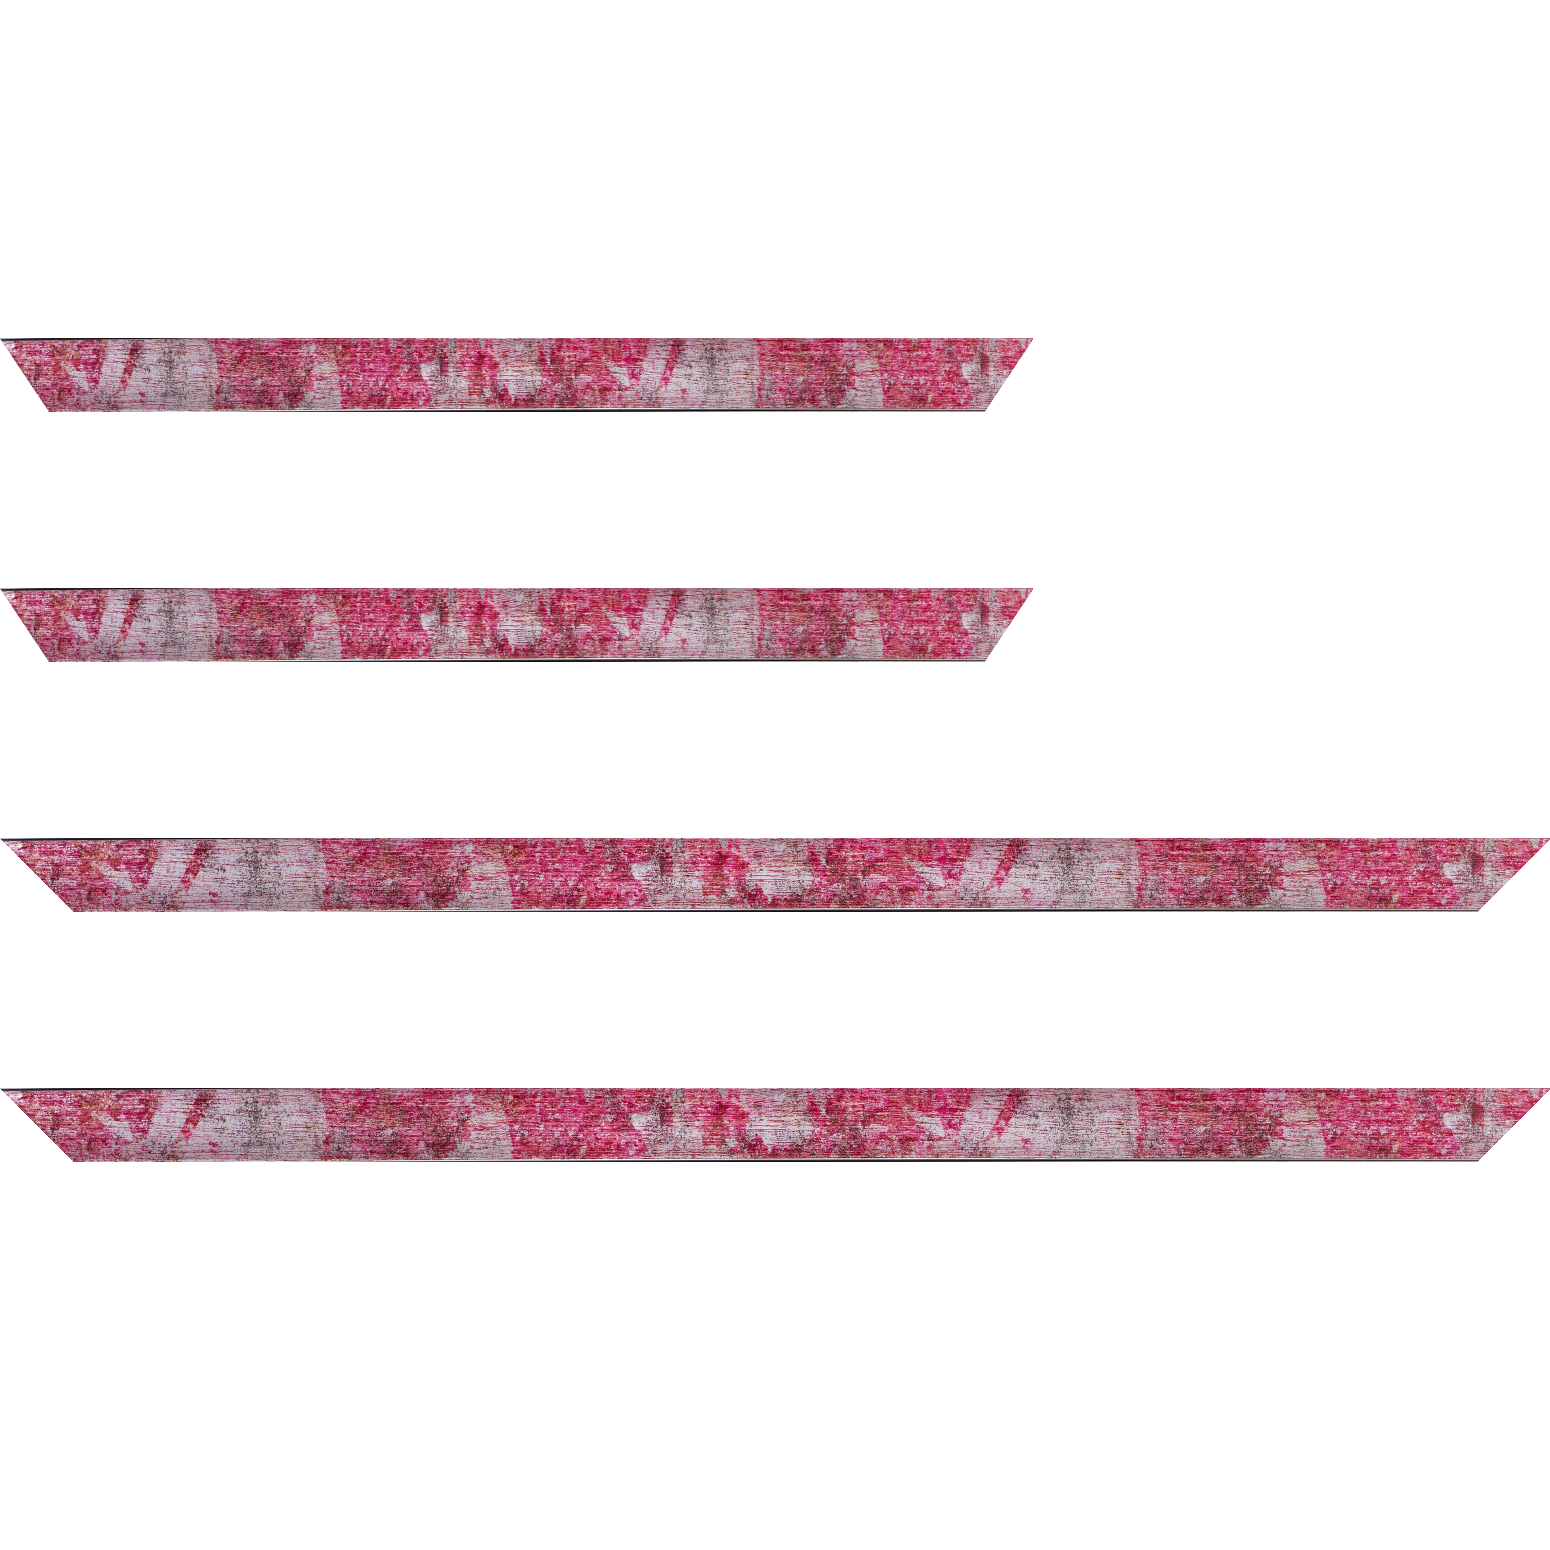 Baguette service précoupé Bois profil concave largeur 2.4cm de couleur fushia moucheté fond argent